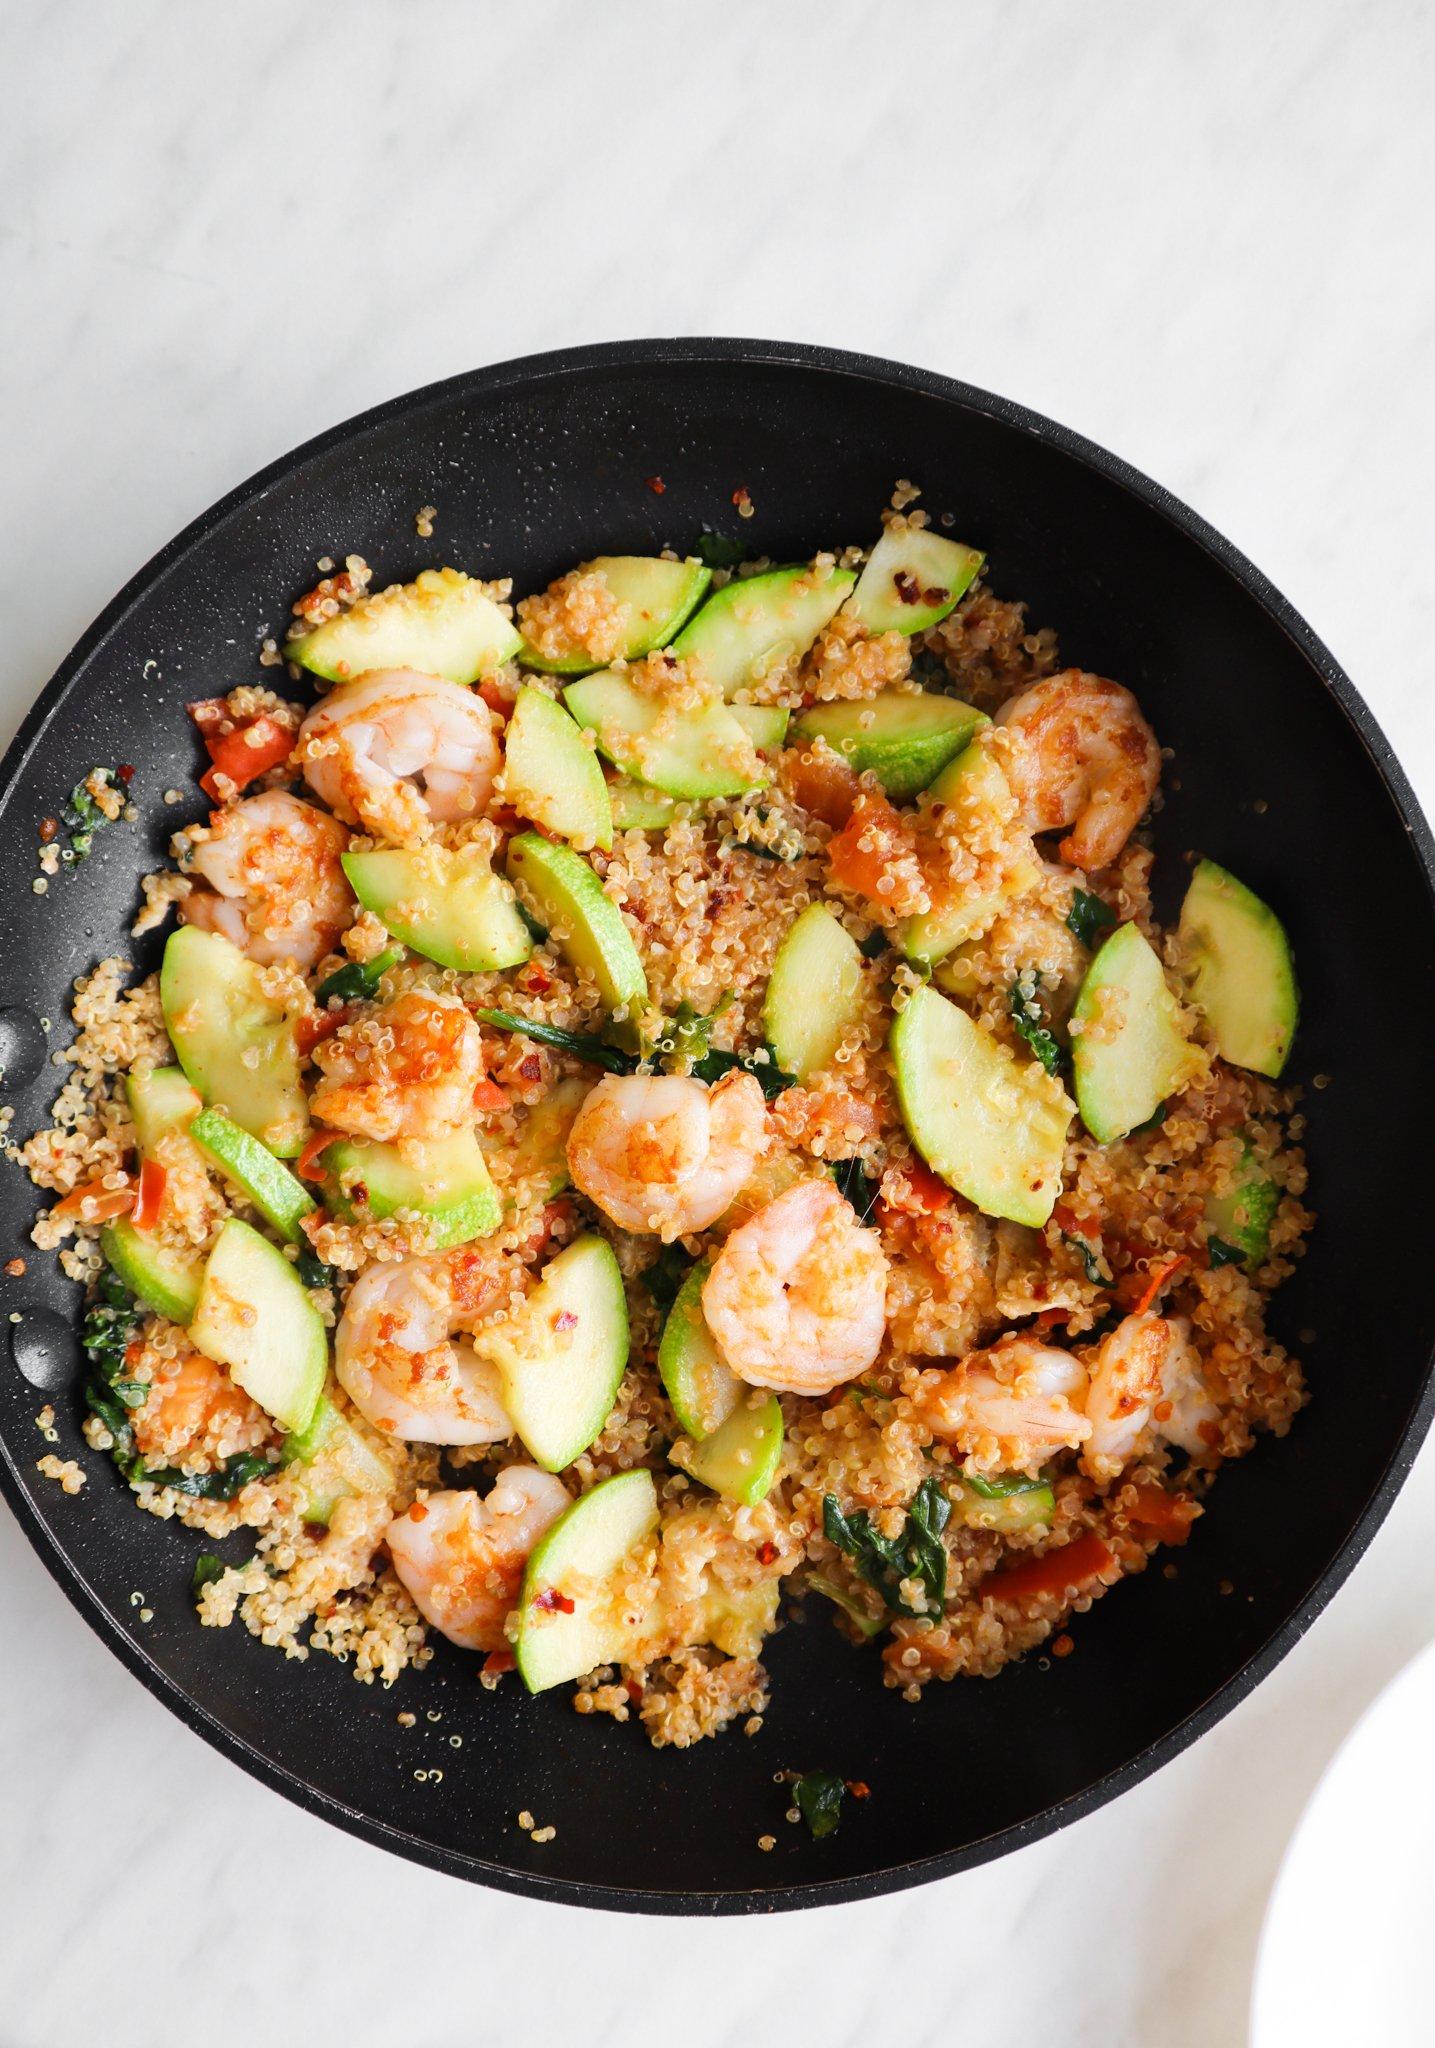 spicy shrimp and quinoa - easy dinner recipe